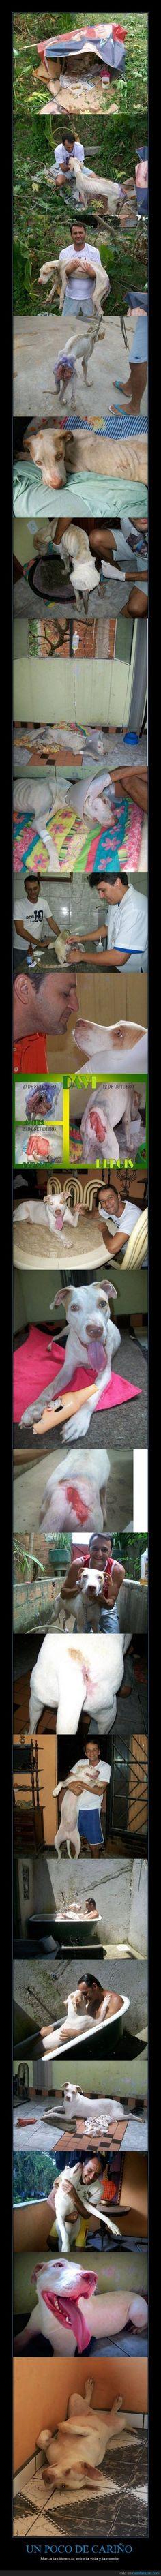 Hem perdut humanitat. A dog's life: solo un poco de amor